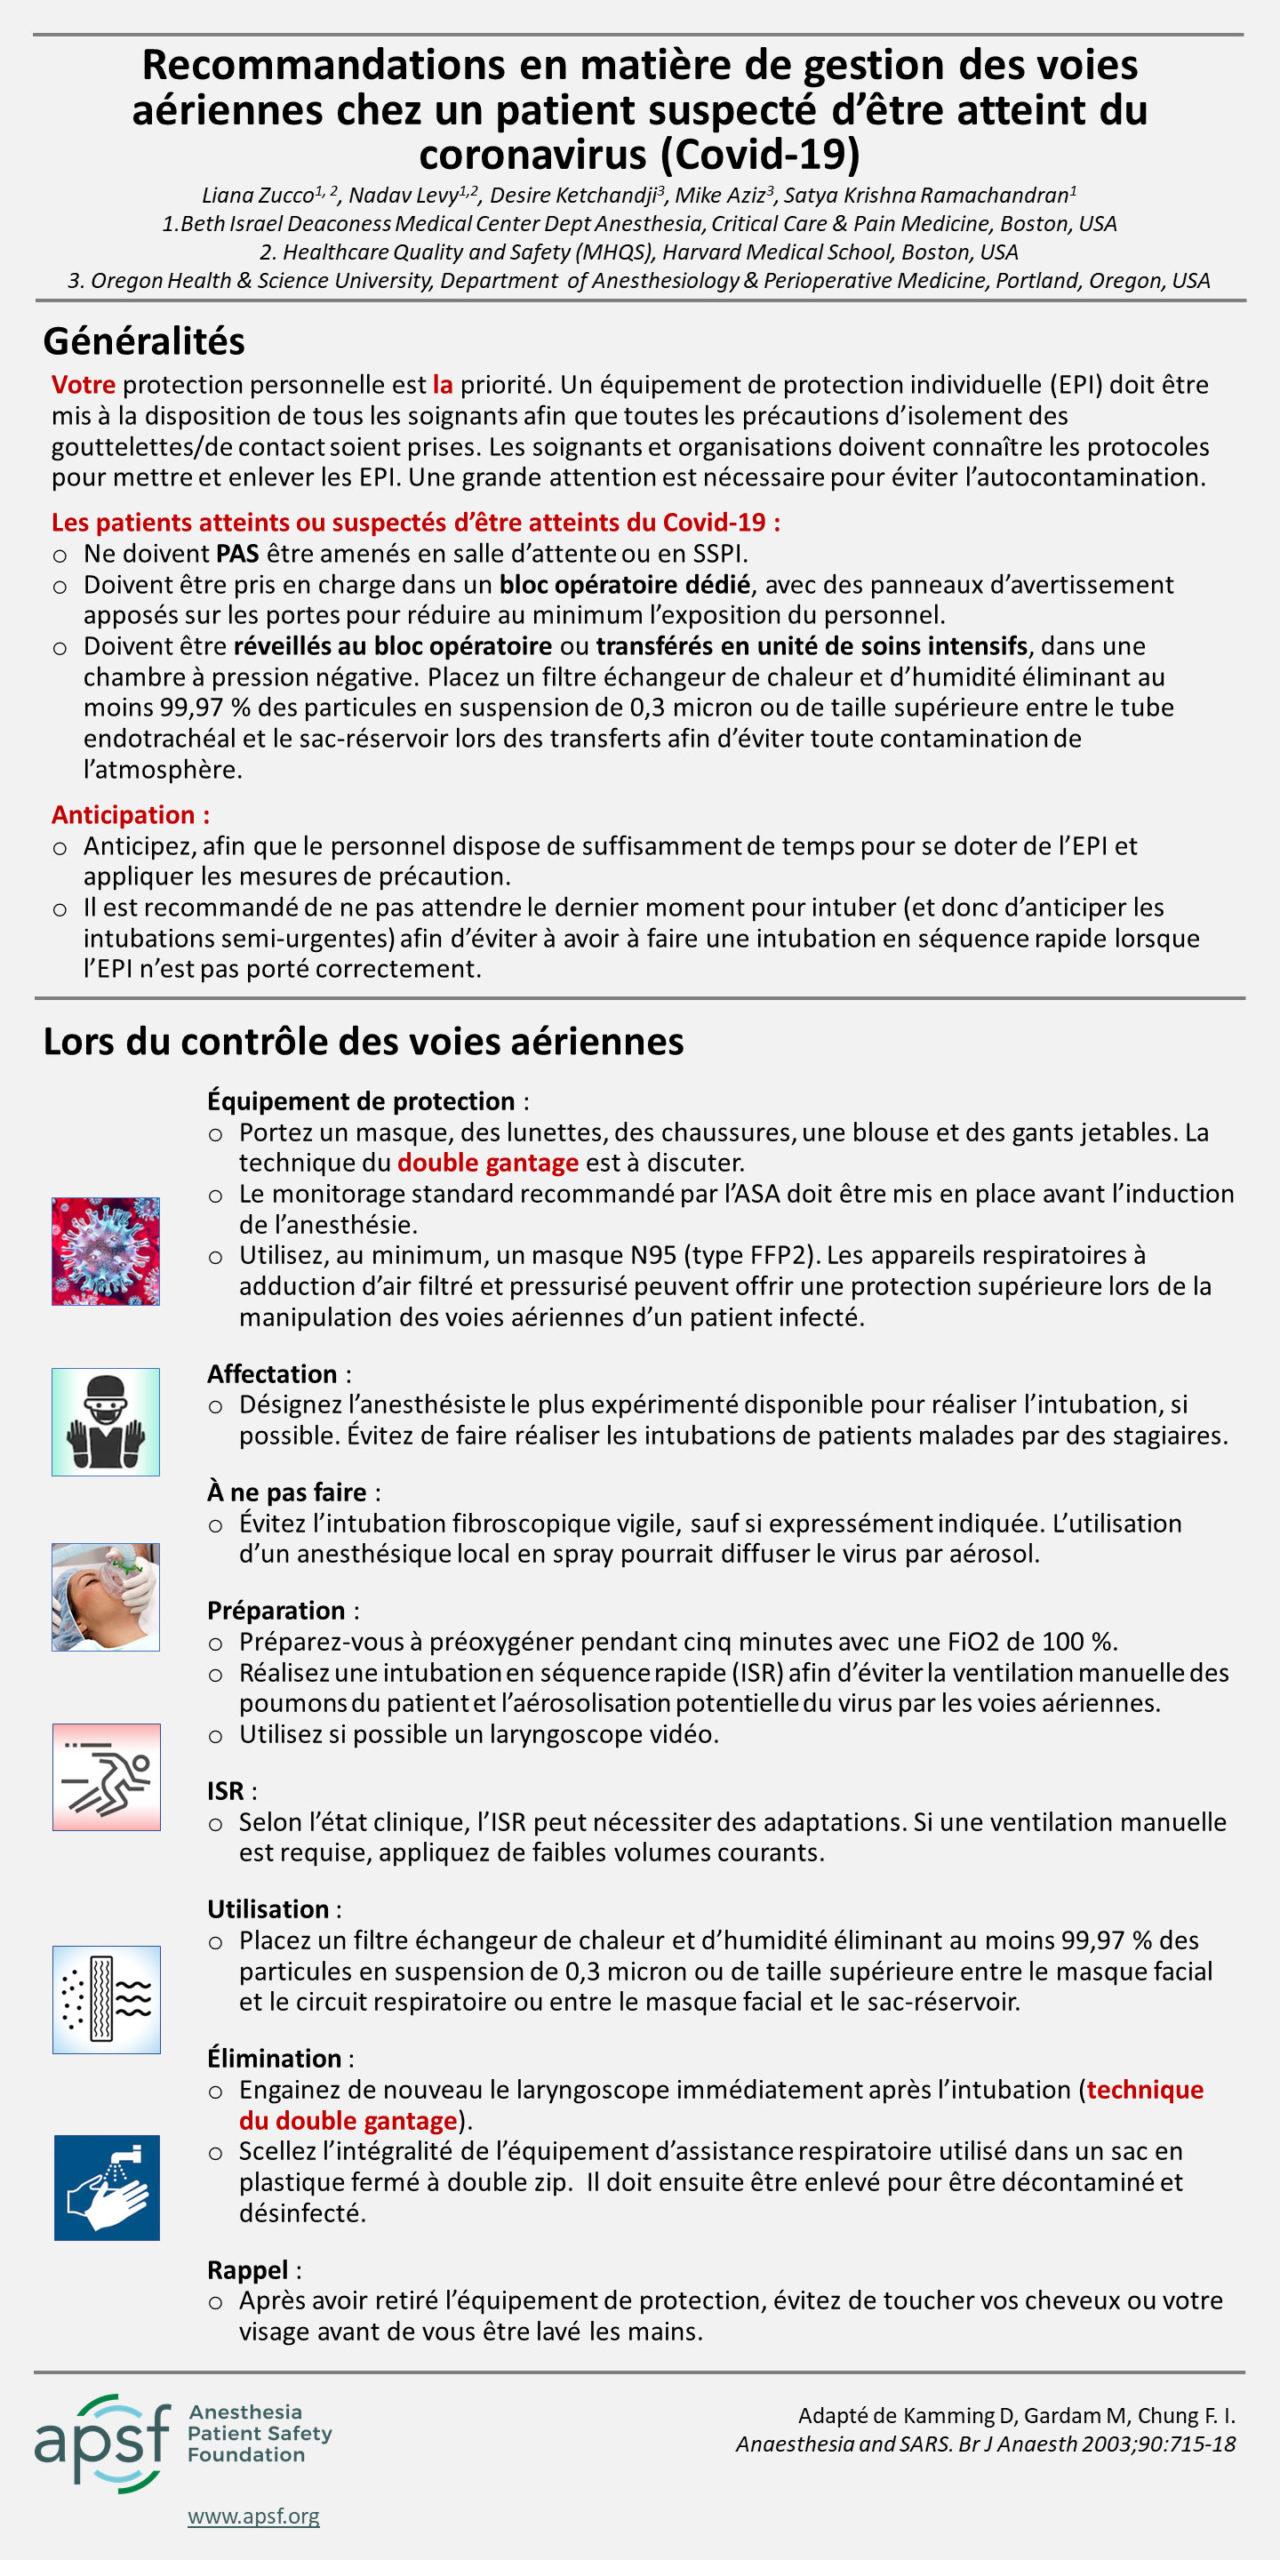 Recommandations en matière de gestion des voies aériennes chez un patient suspecté d'être atteint du coronavirus (Covid-19)